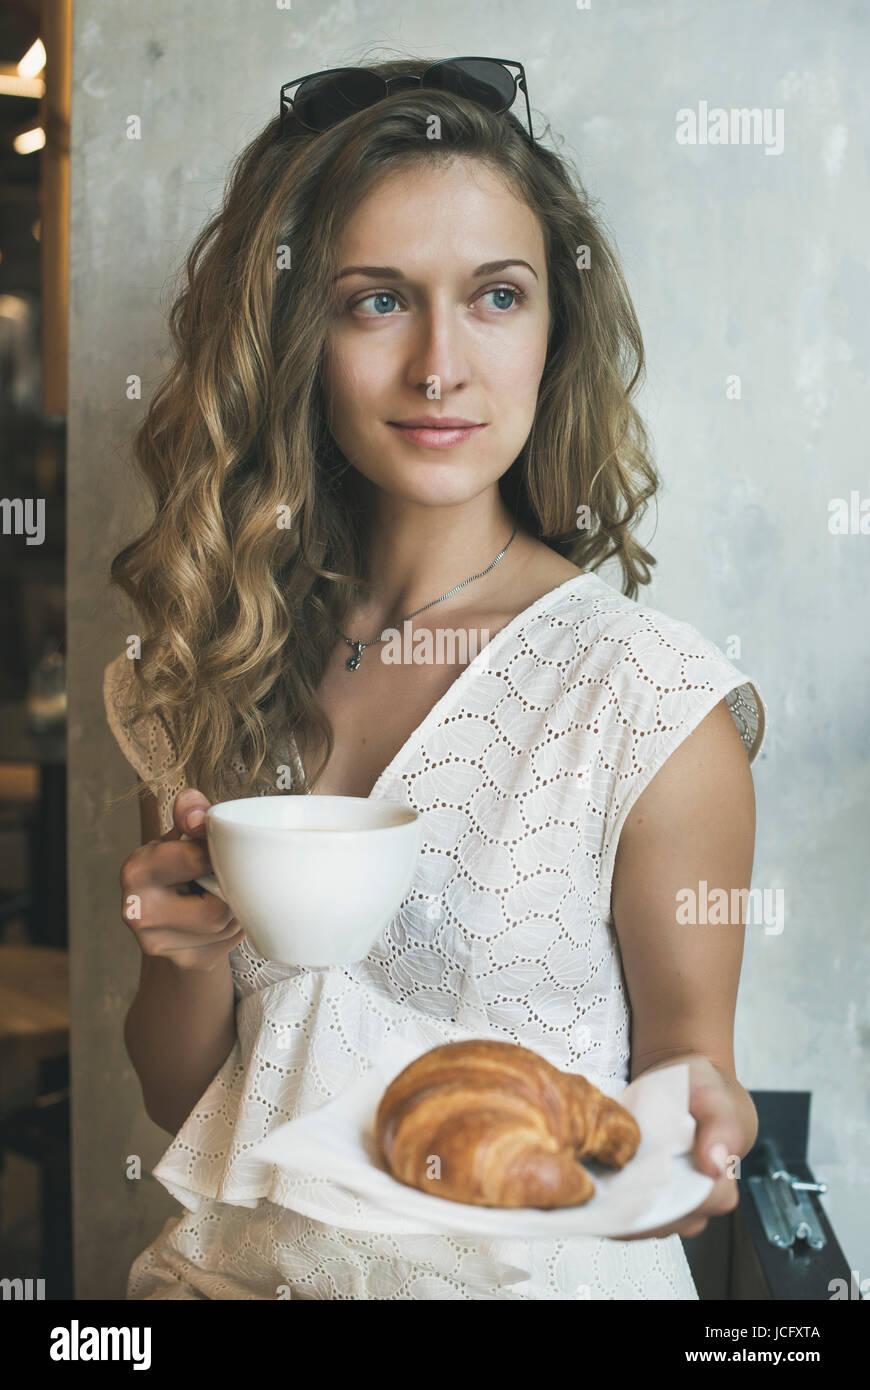 Bionda dai capelli ricci giovane donna indossa abito bianco in seduta cafe con tazza di cappuccino e croissant Immagini Stock